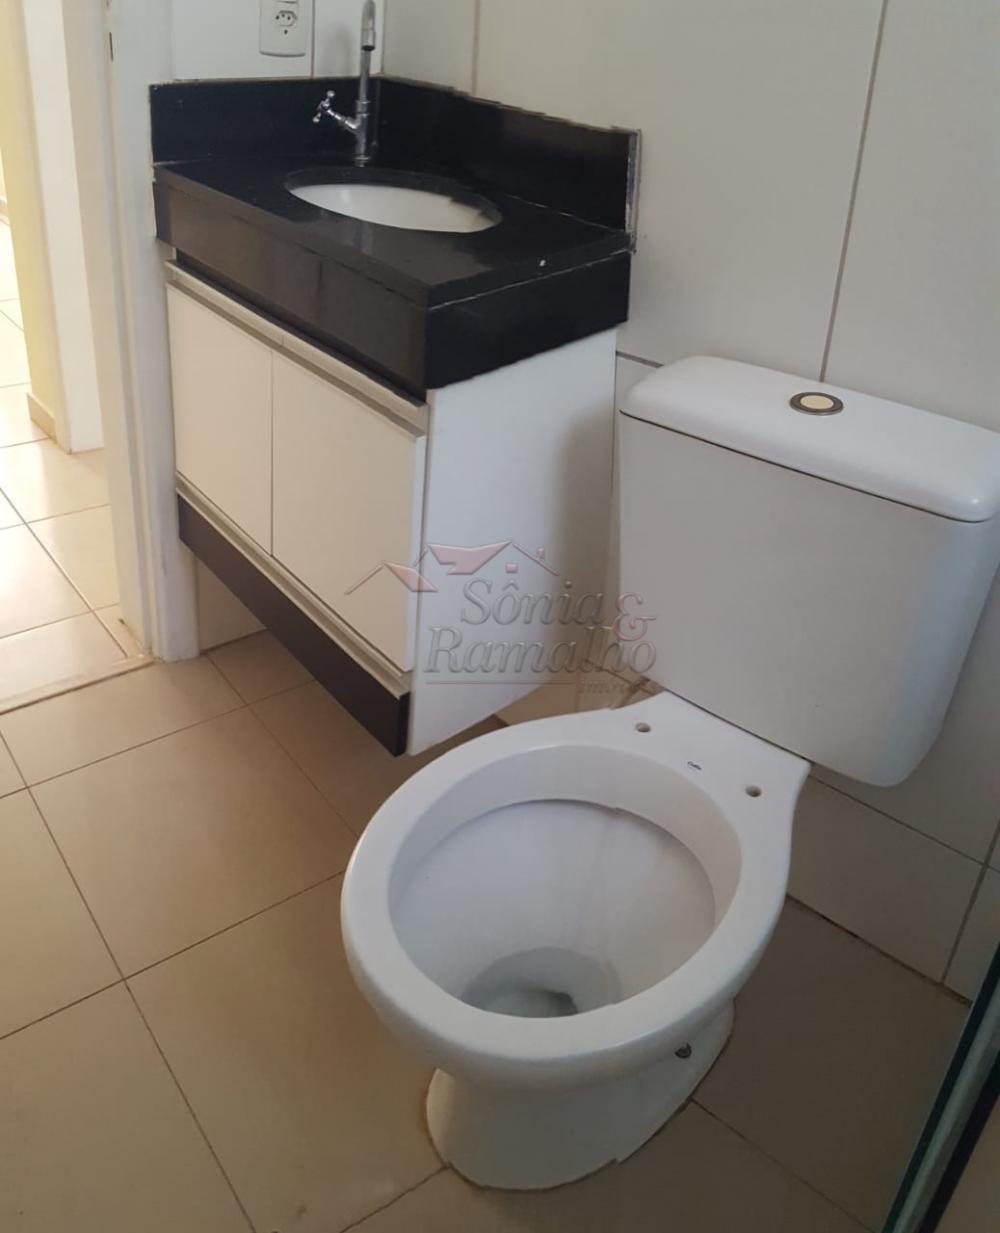 Alugar Apartamentos / Padrão em Ribeirão Preto apenas R$ 700,00 - Foto 18